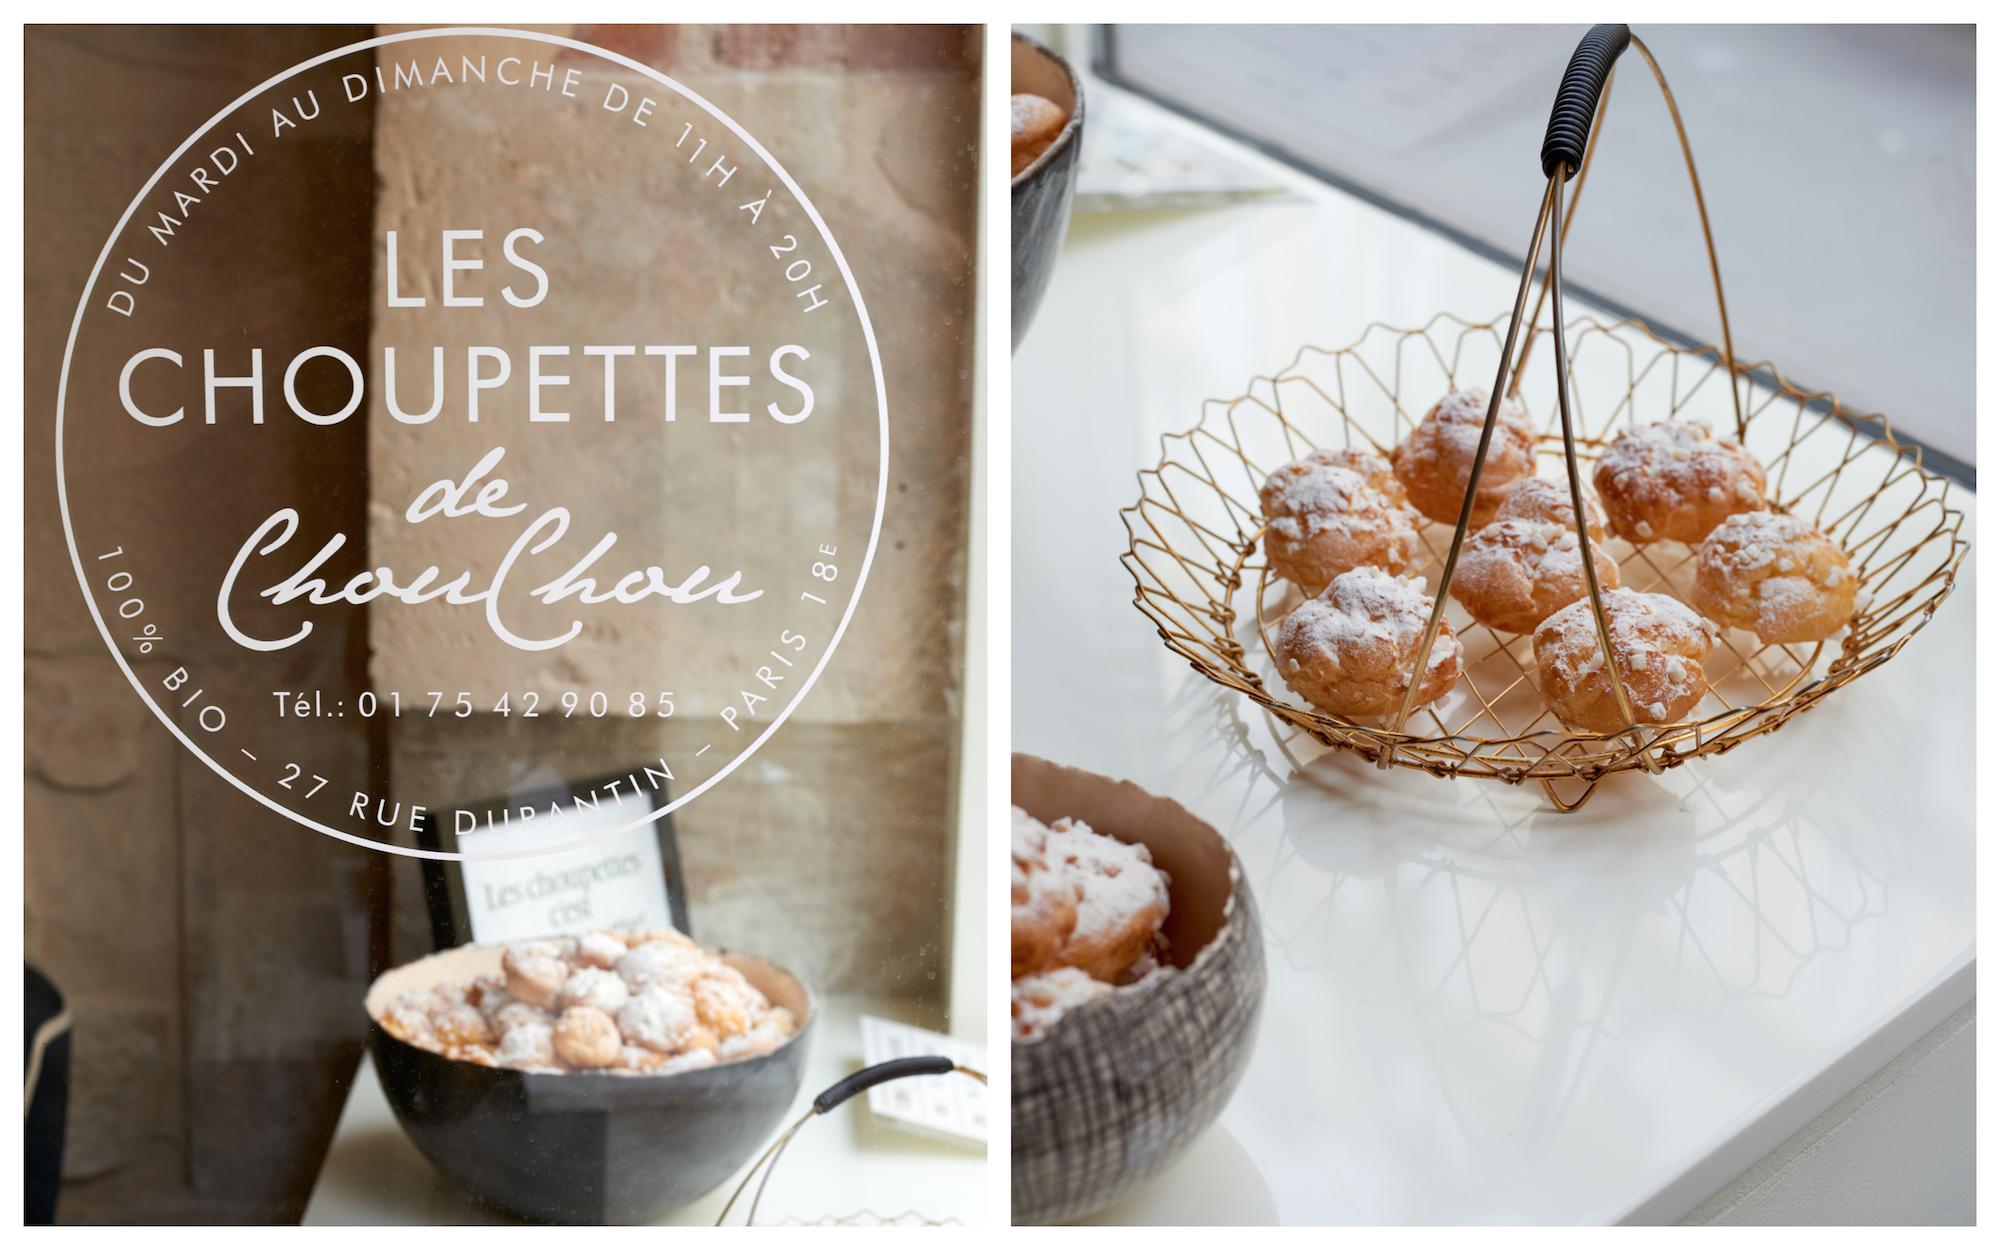 HiP Paris Blog visits Les Choupettes